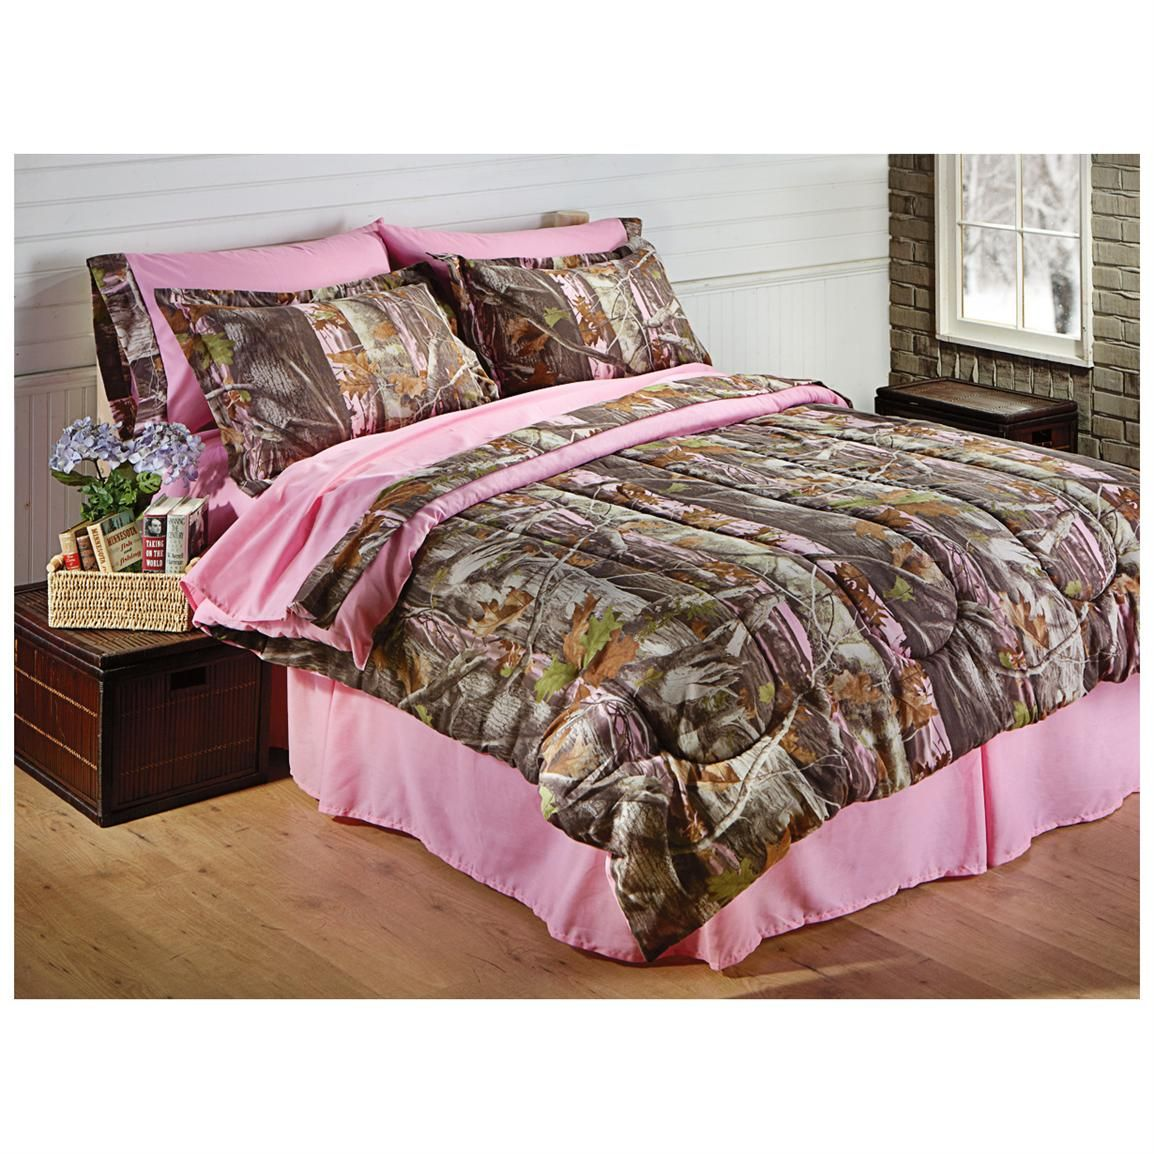 Castlecreek Next Pink Bed Set Pink Camo Bedroom Camo Bedroom